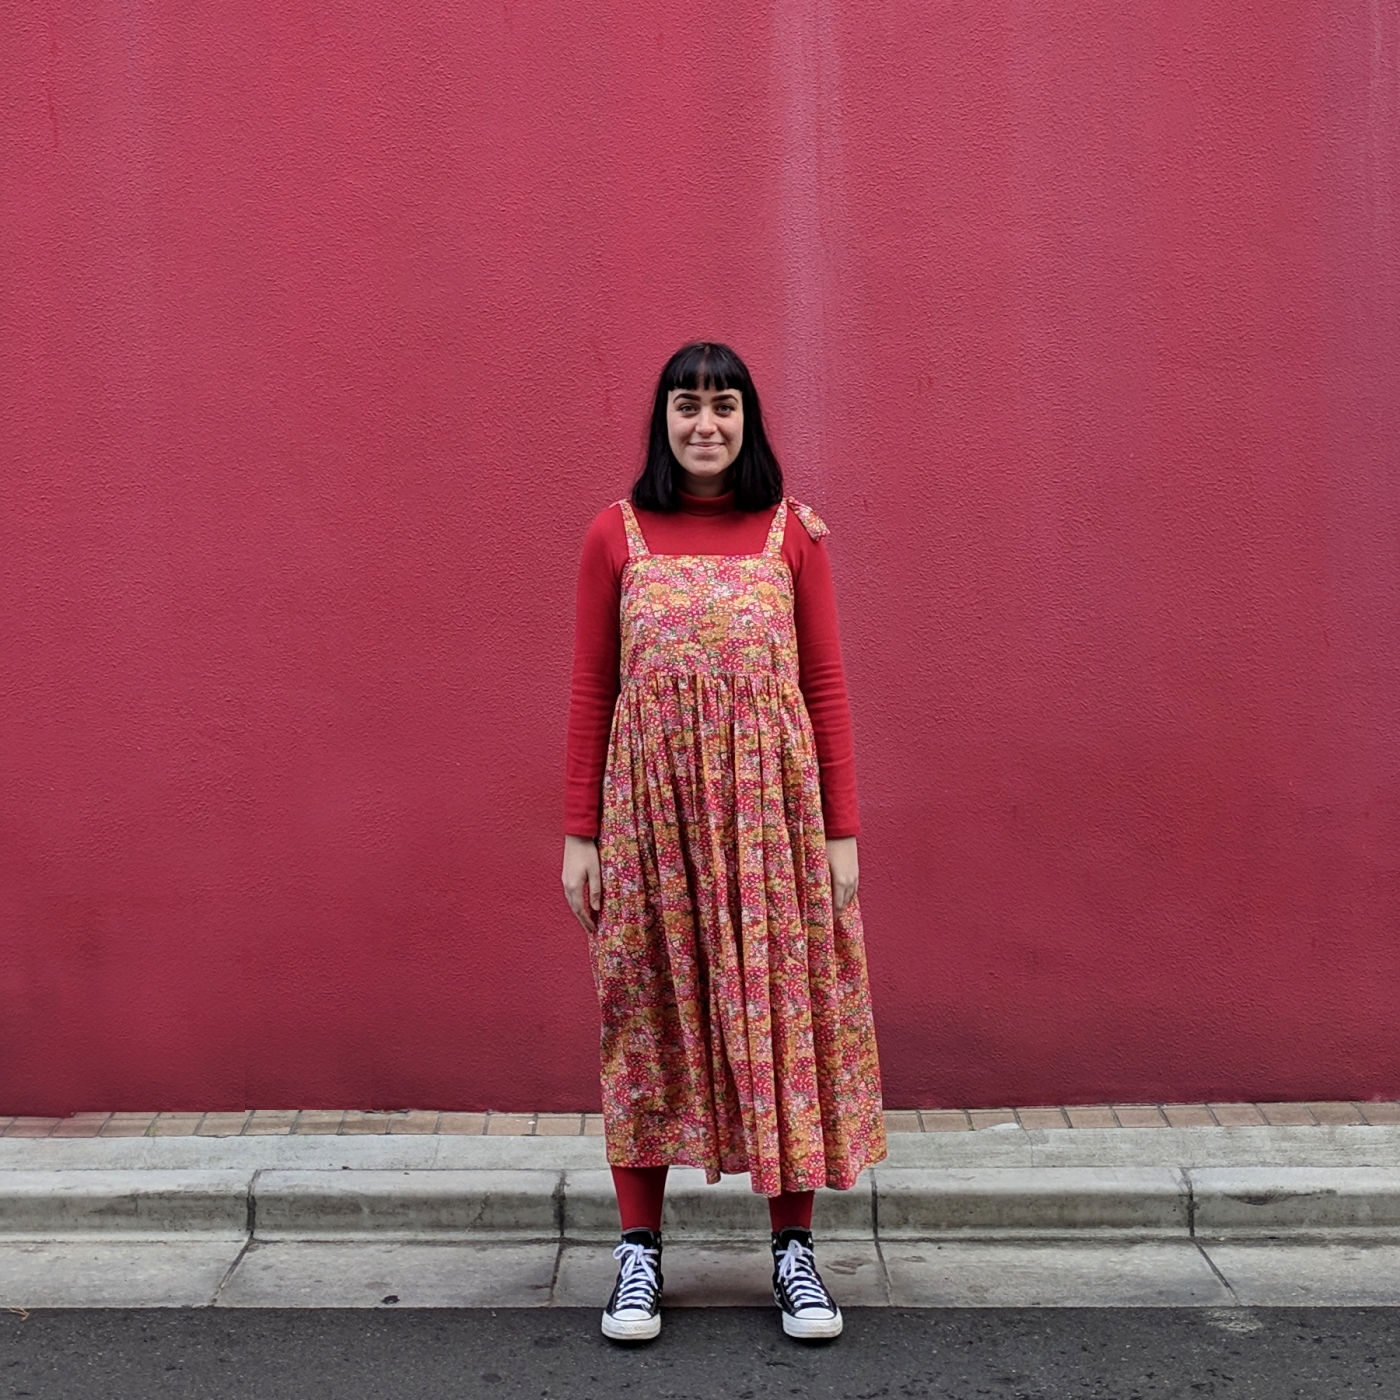 DIY Daisy Handmade Wardrobe Liberty Dress